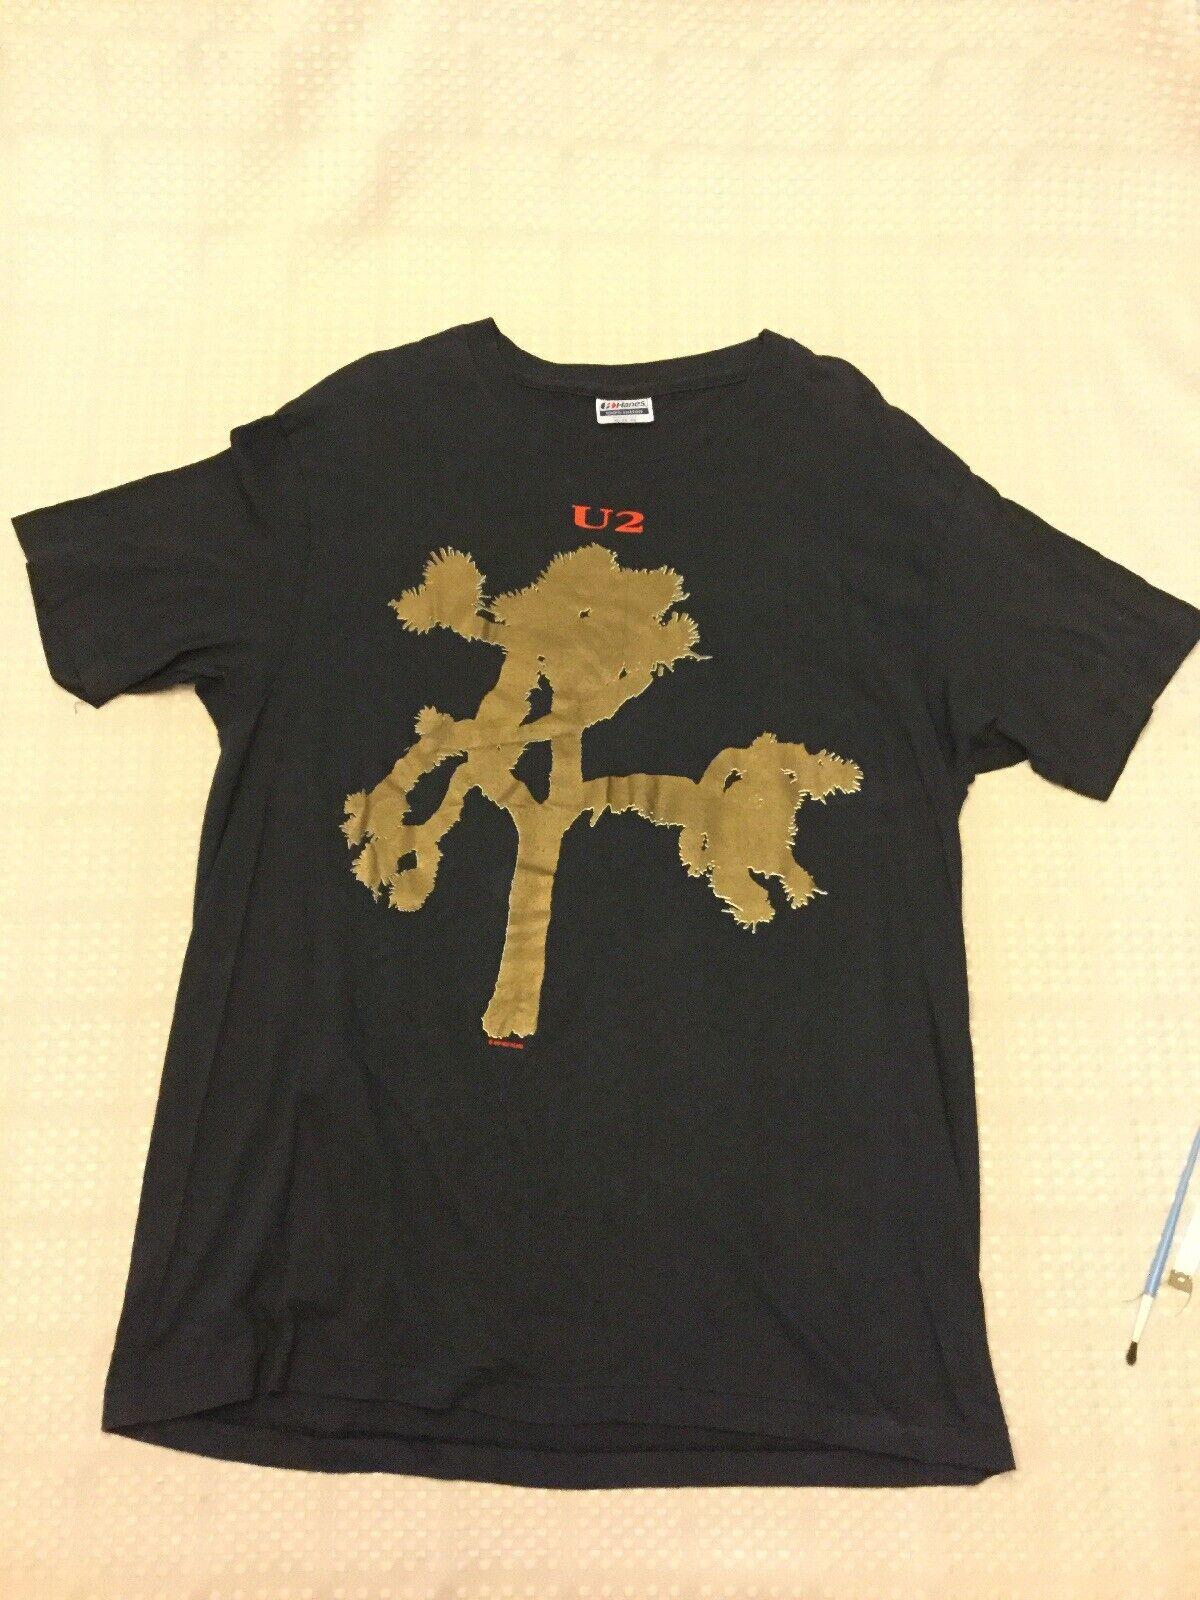 U2 T-Shirt Joshua Tree 1987 Size XL X-Large Purchased 32 Years Ago Vintage